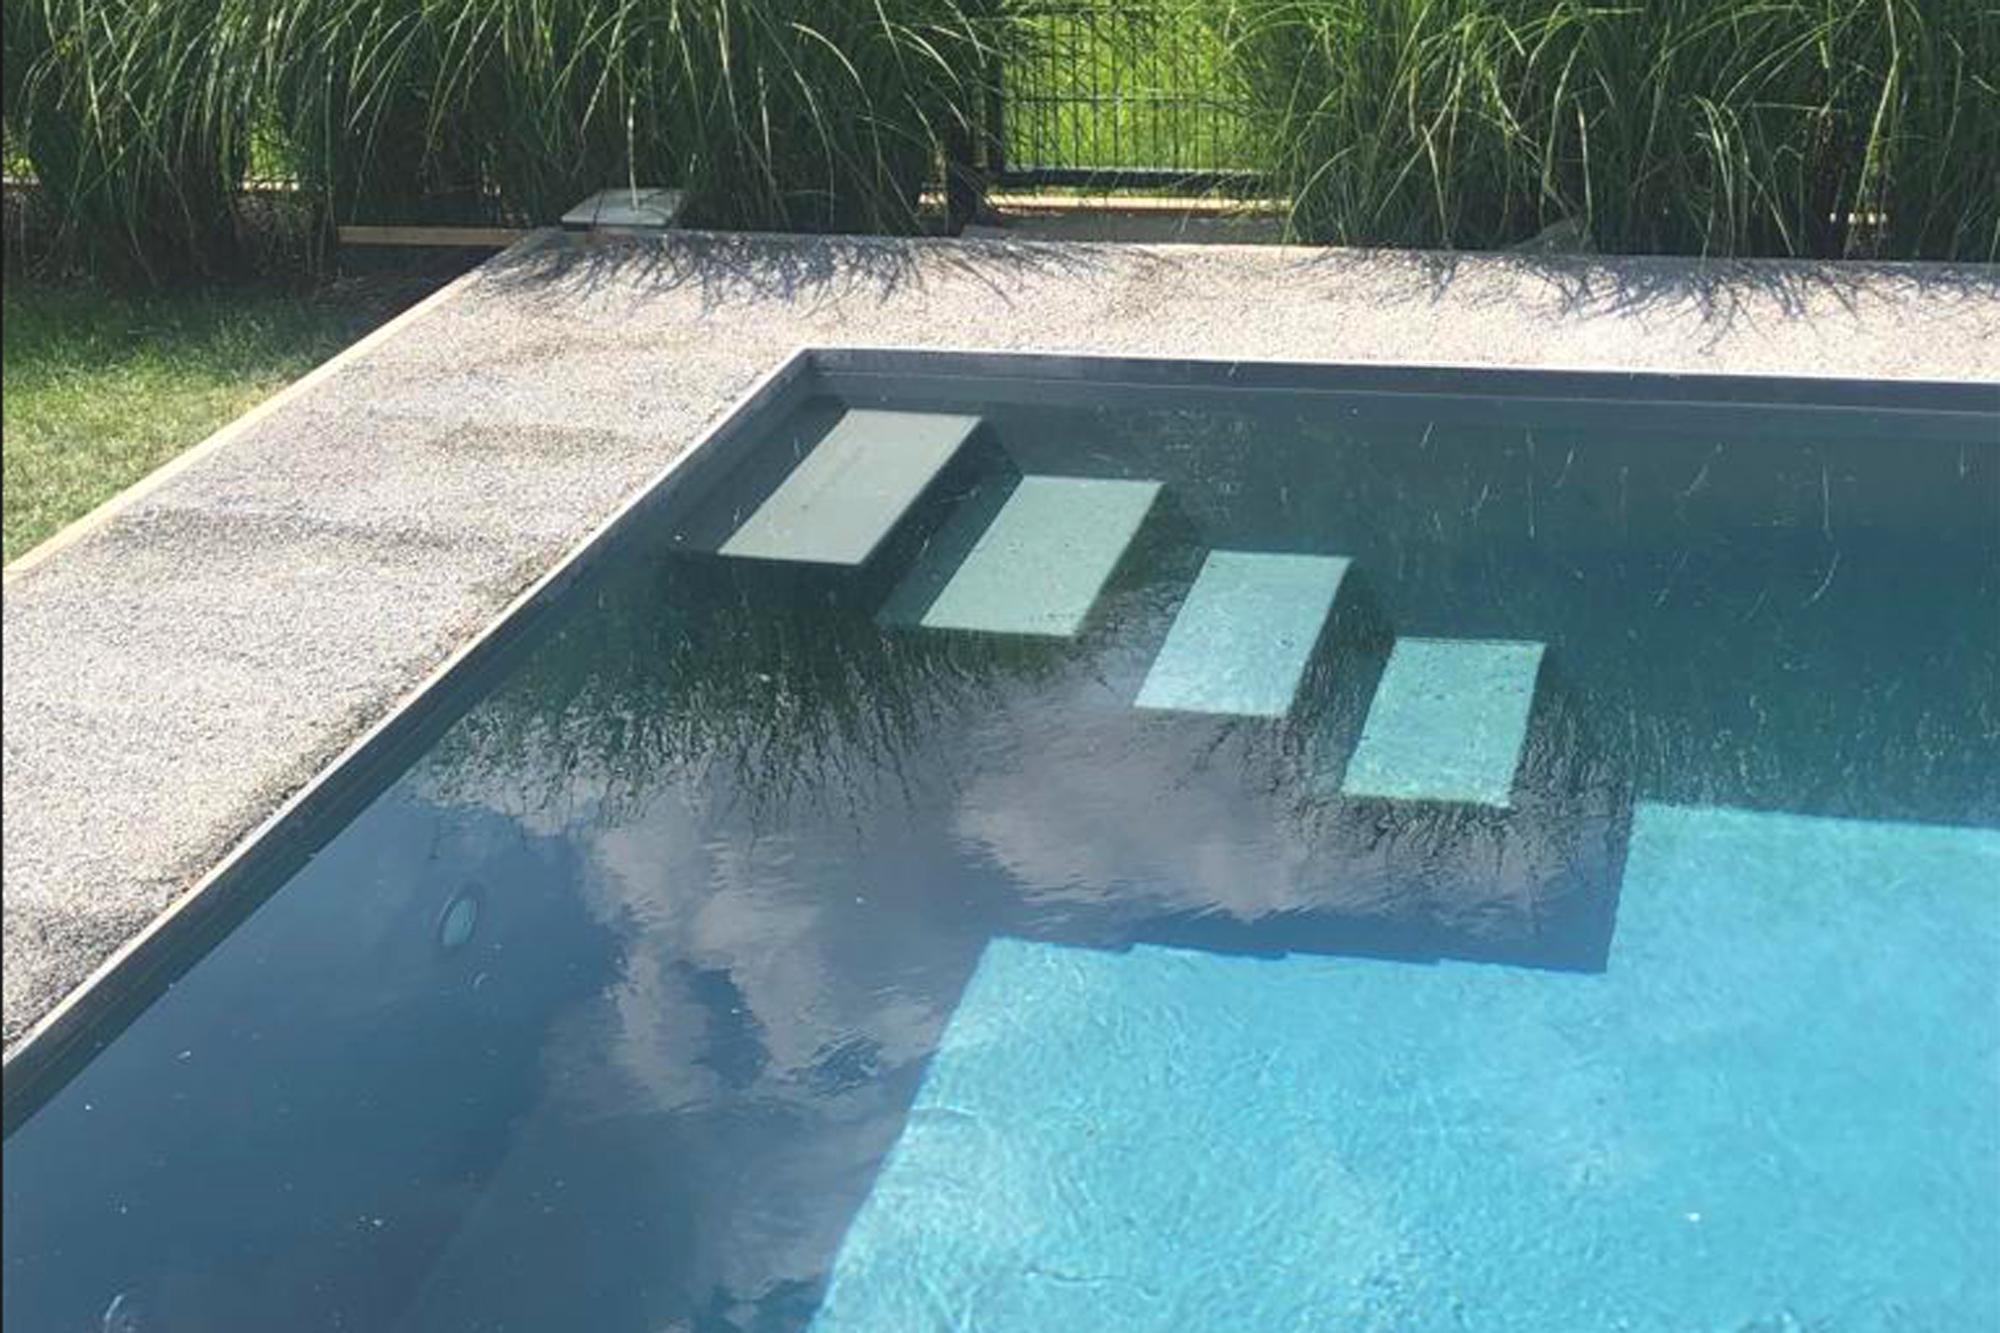 Gartenbad in eisengrau  dort mit schwebender Treppe